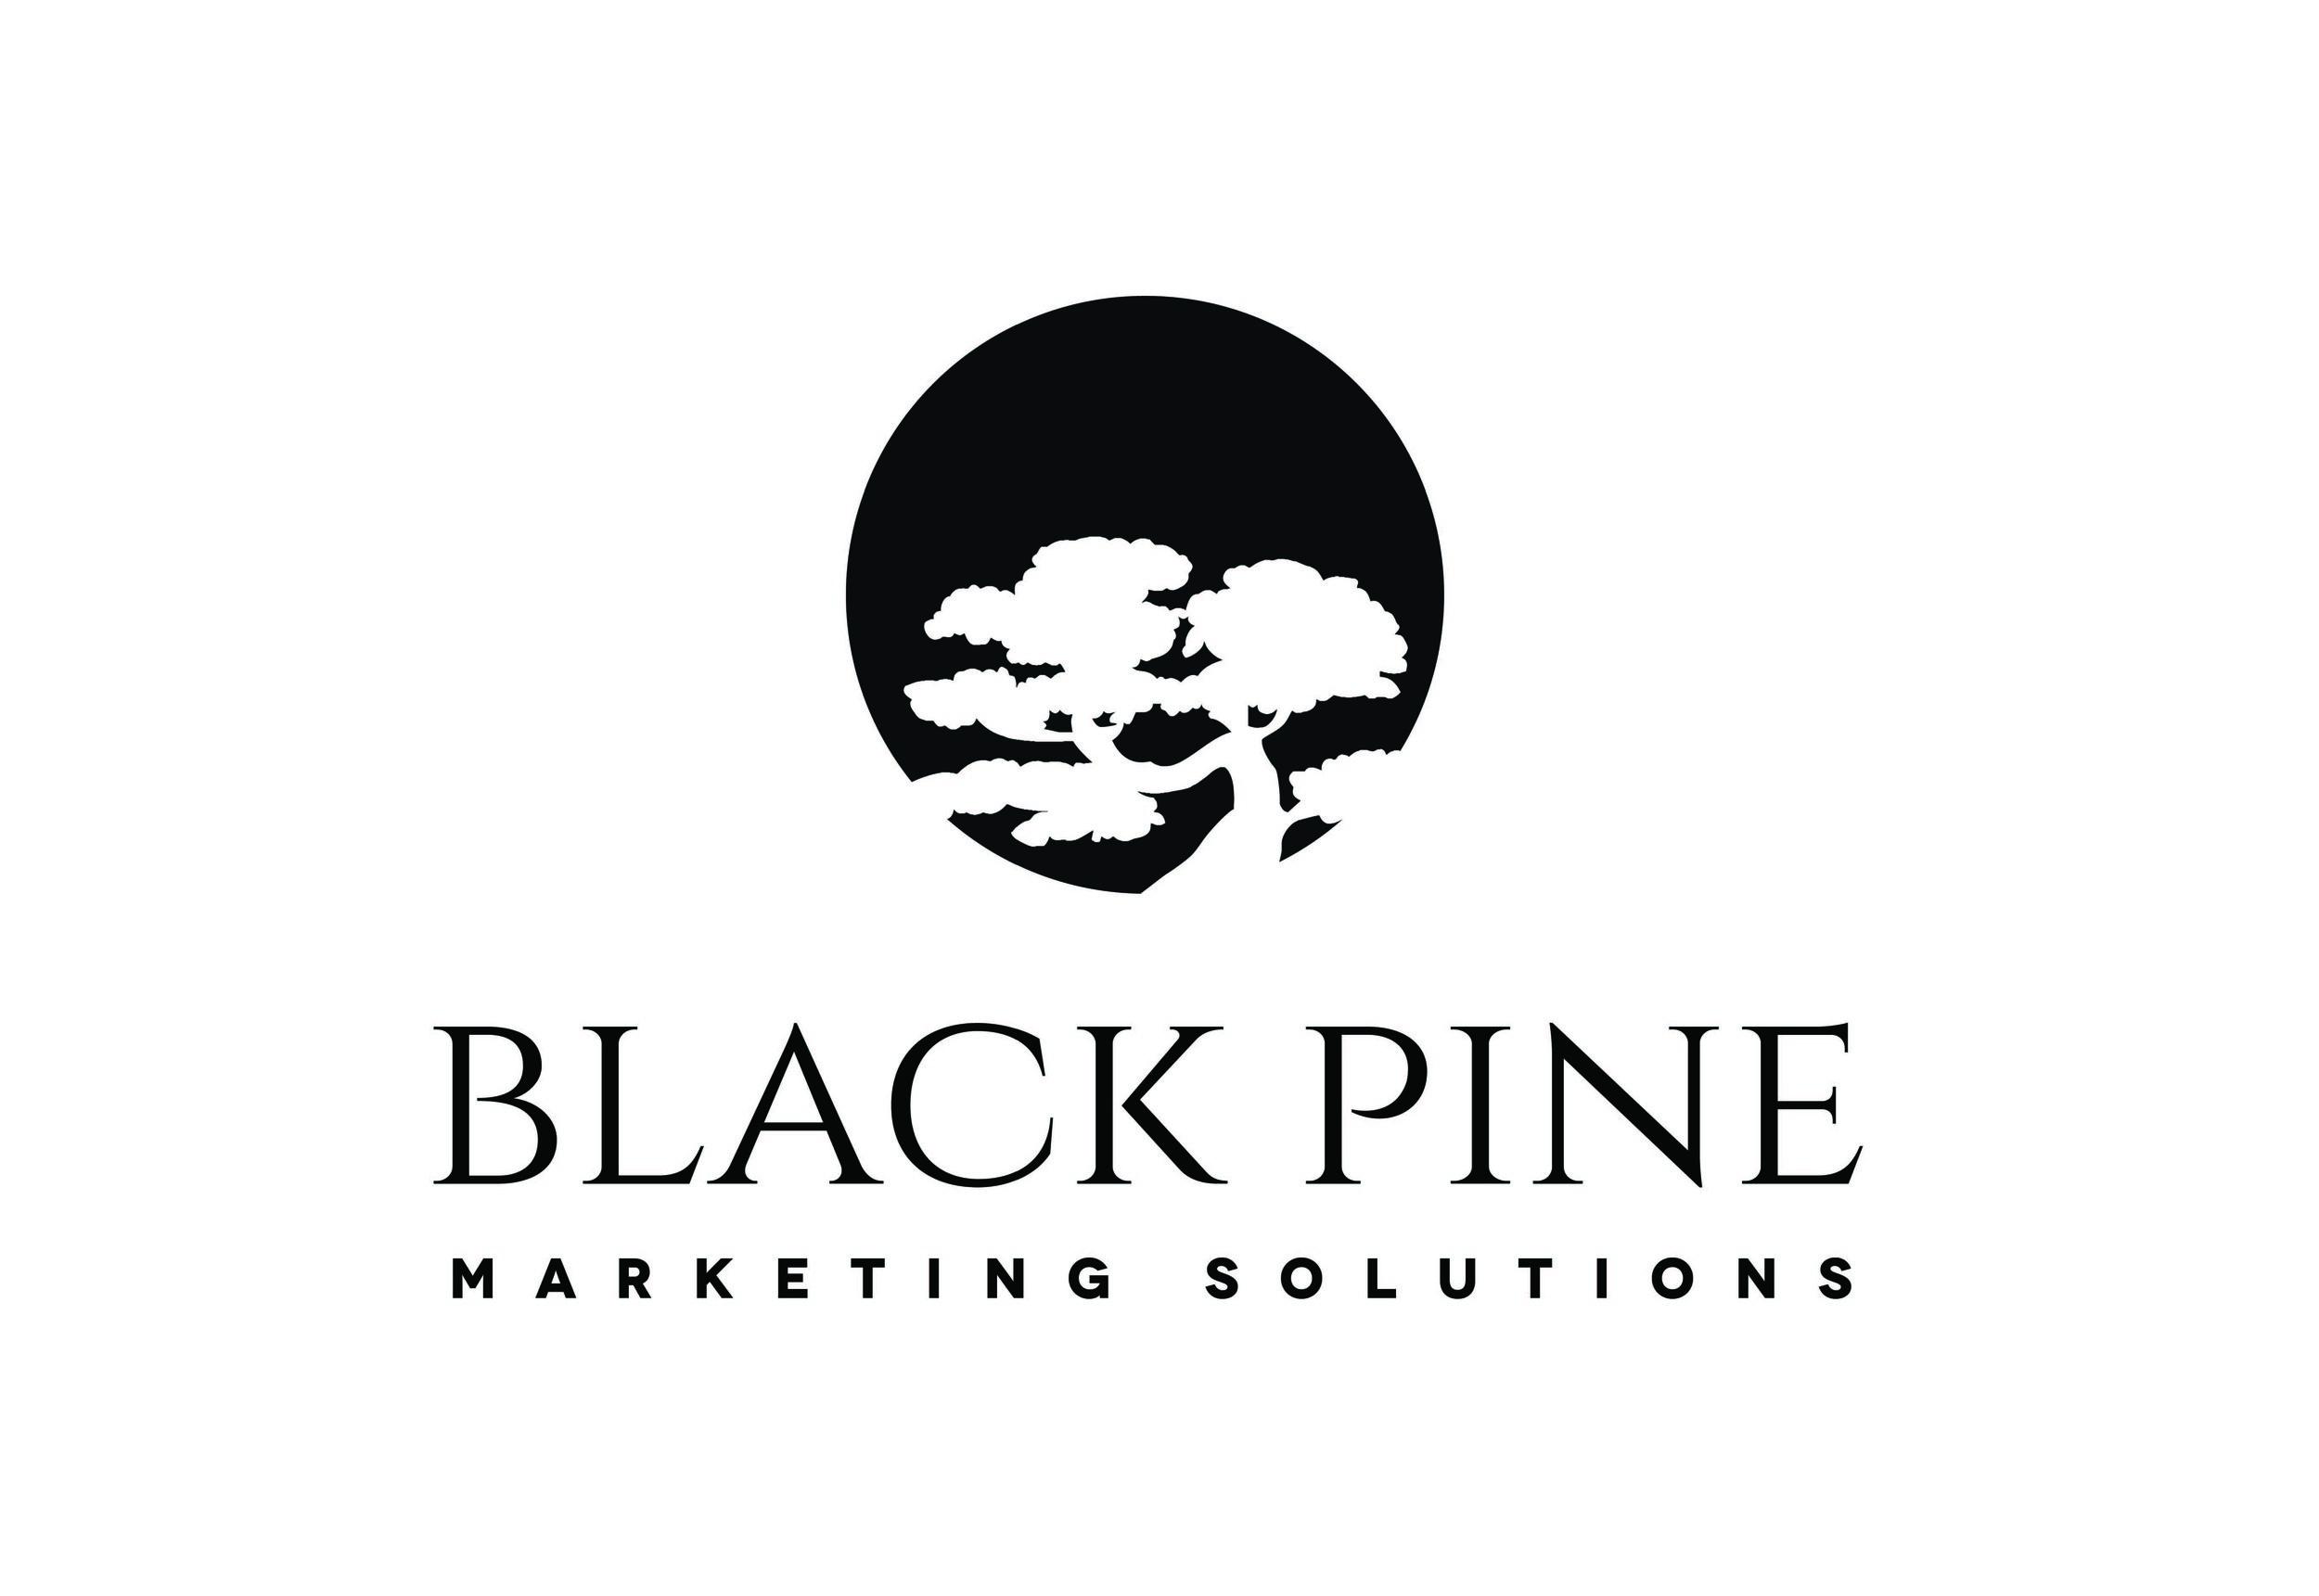 blackpine .jpg